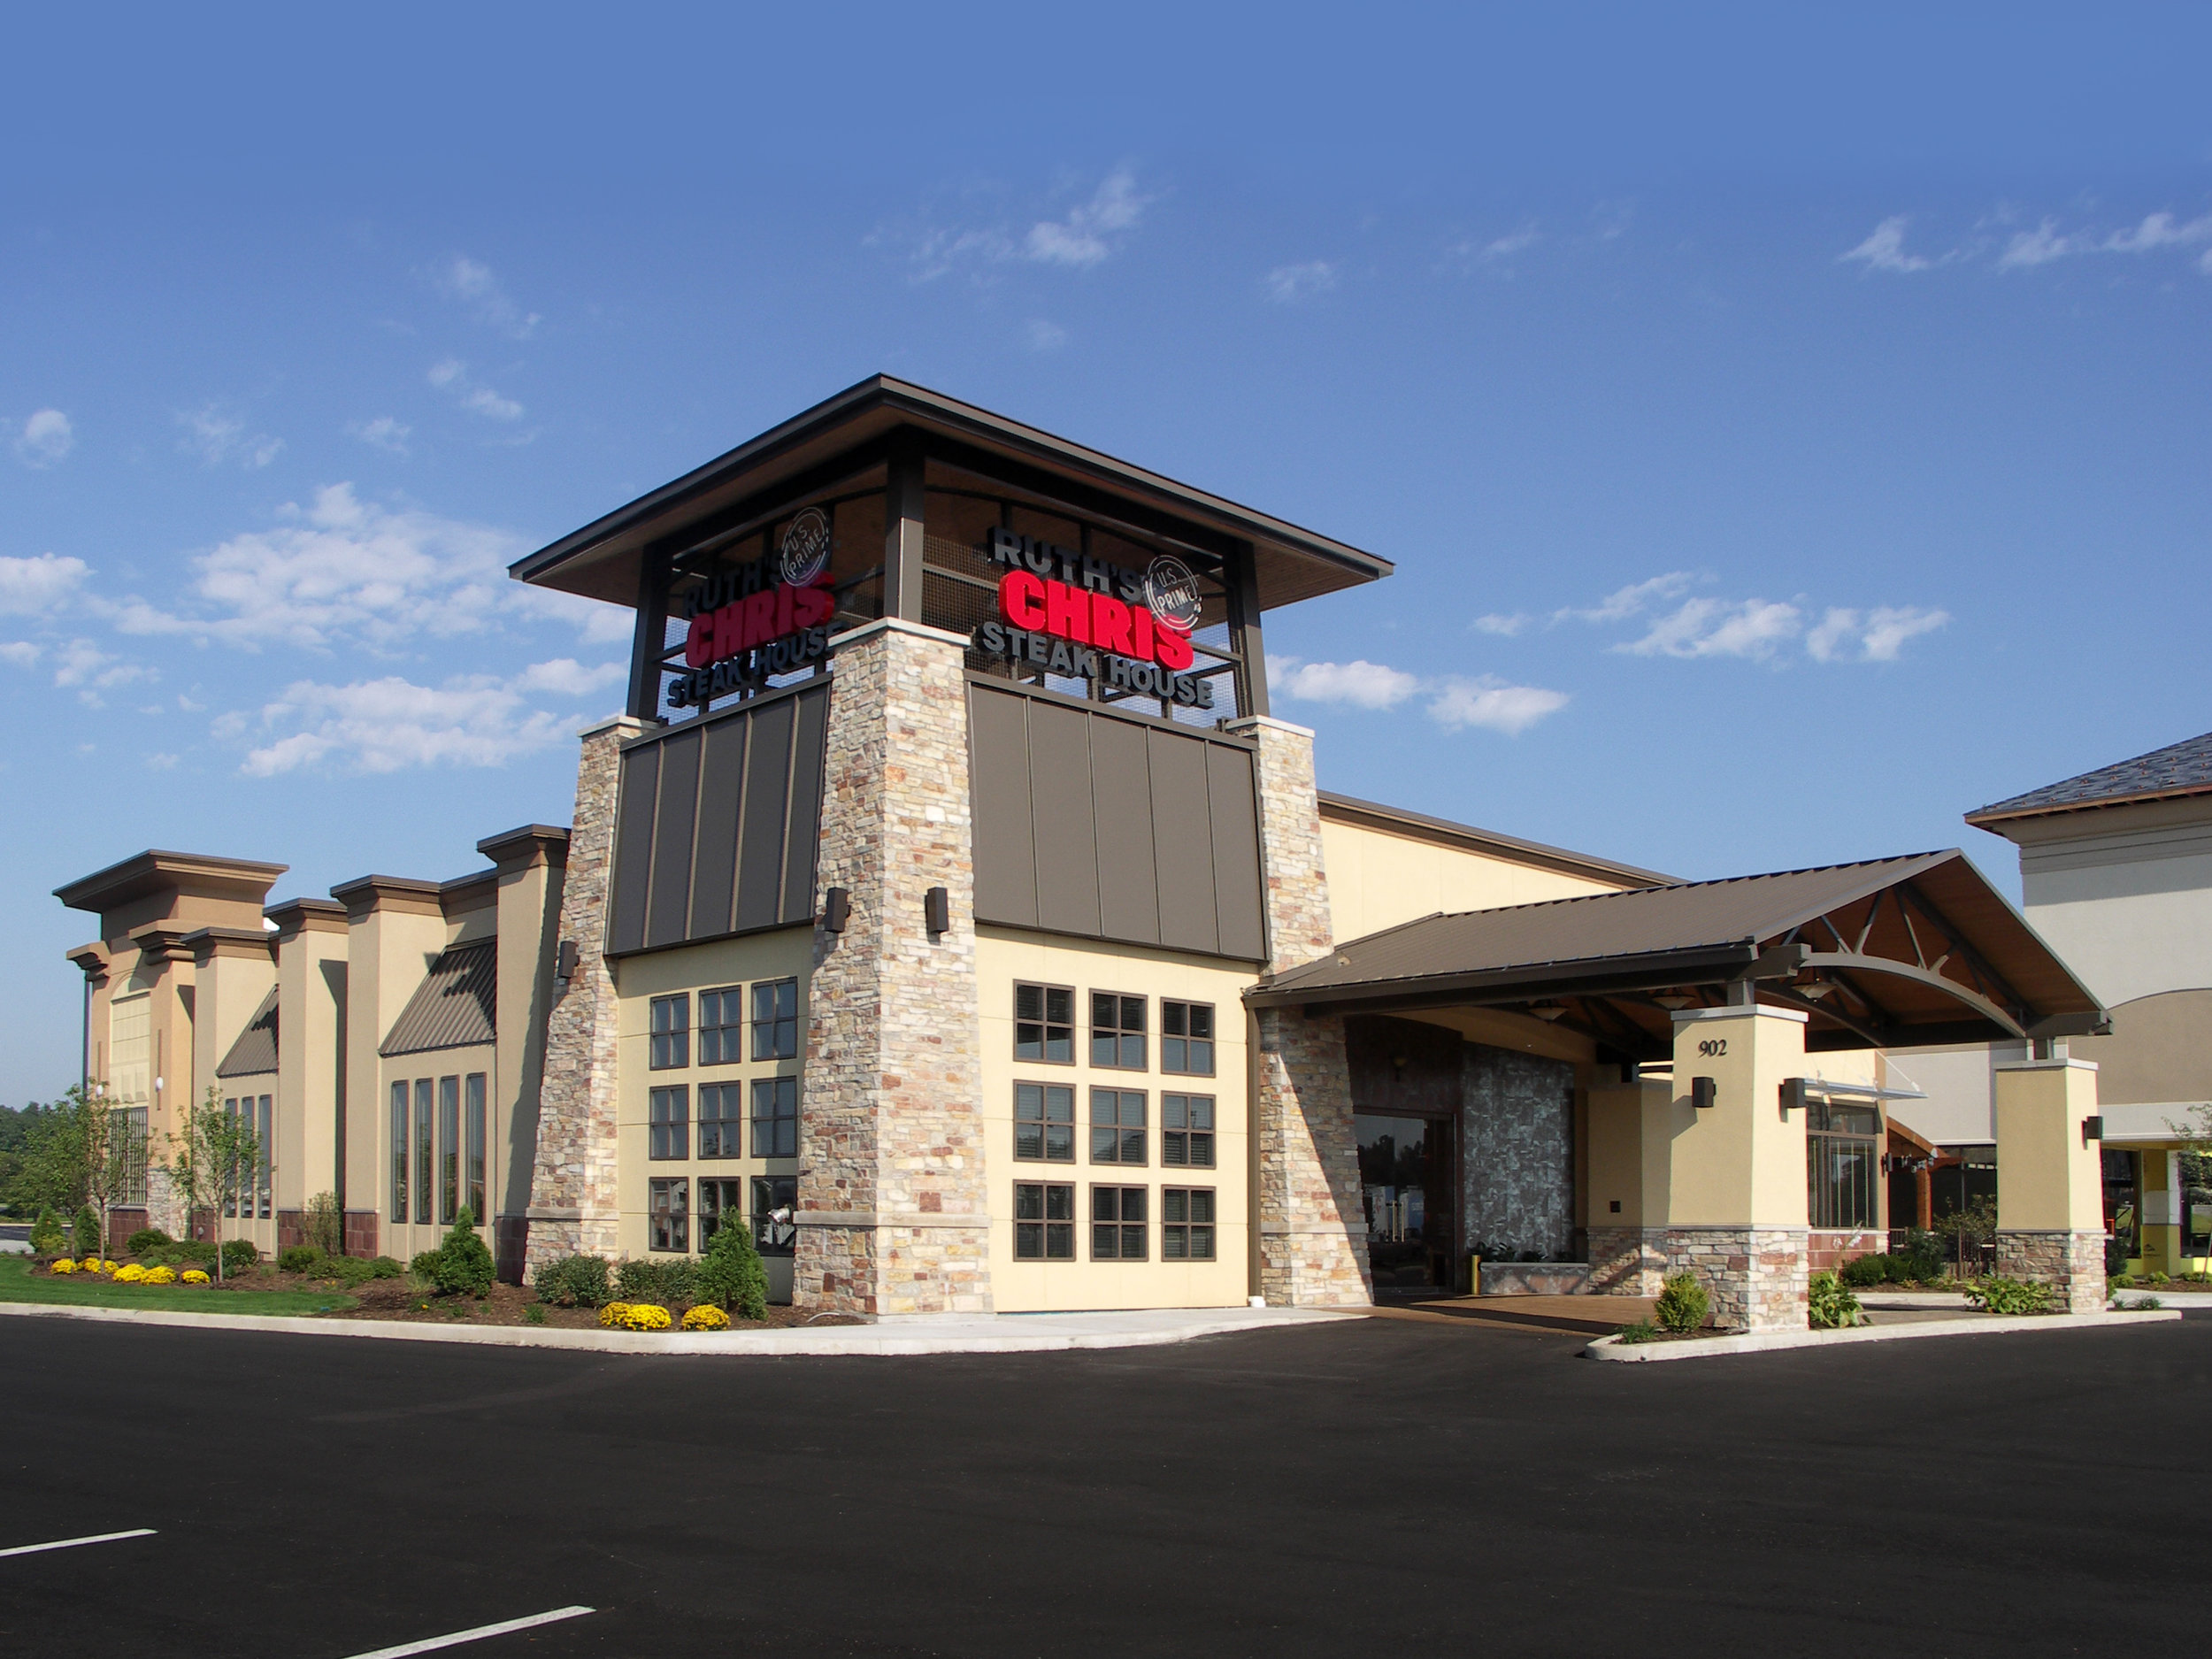 Ruth's Chris Steak House | Granger, Indiana